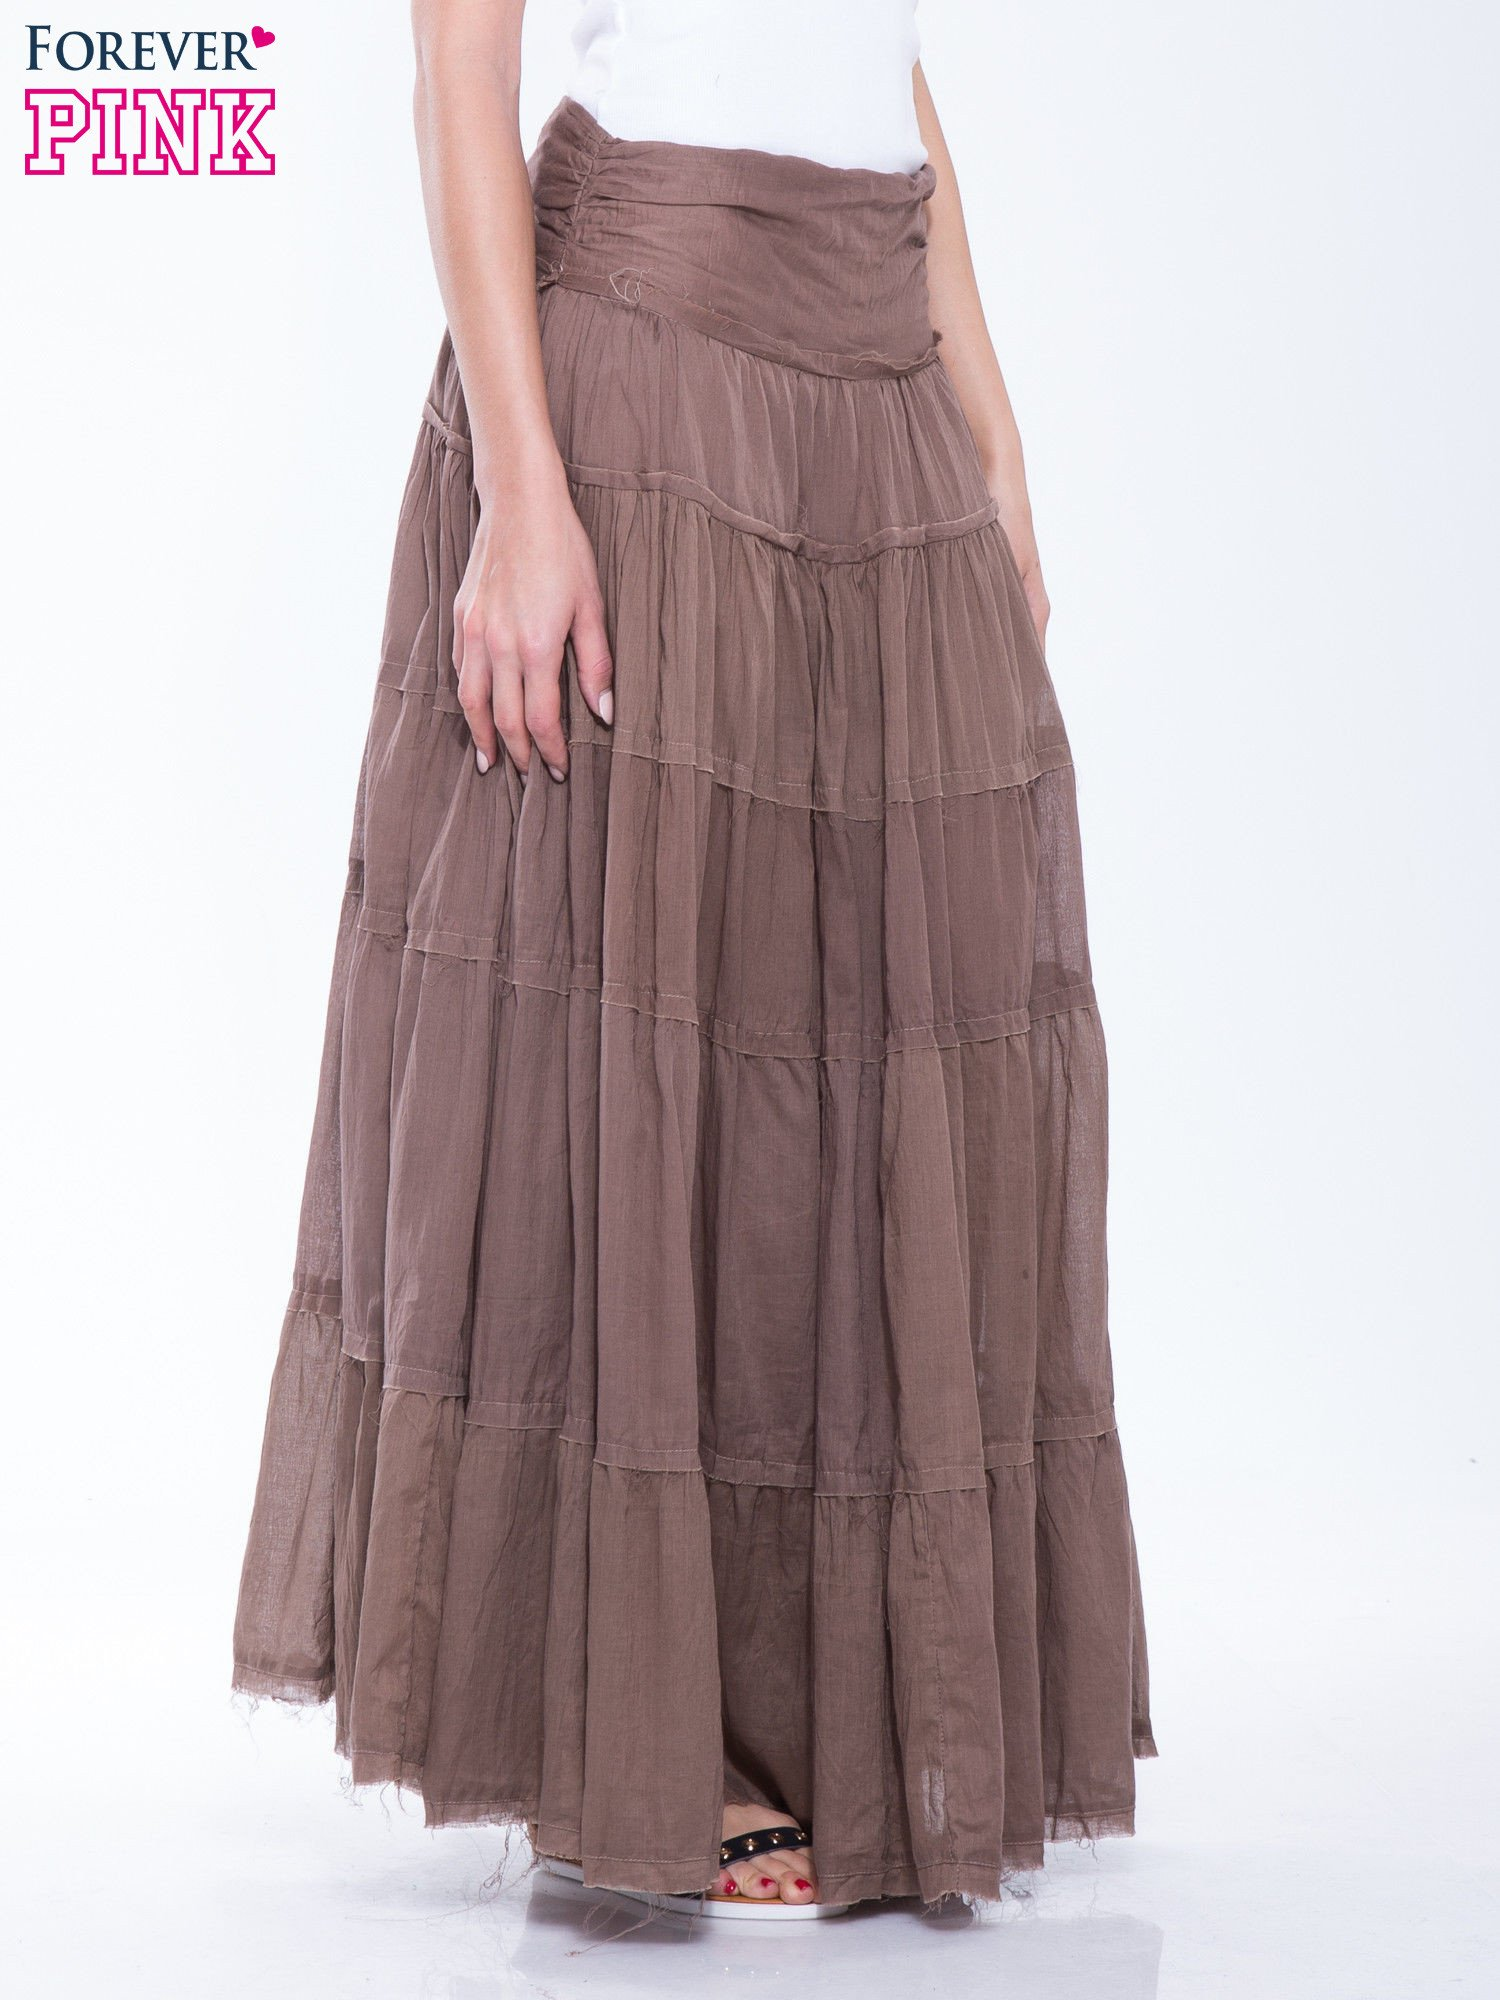 Brązowa długa spódnica maxi w stylu boho                                  zdj.                                  3